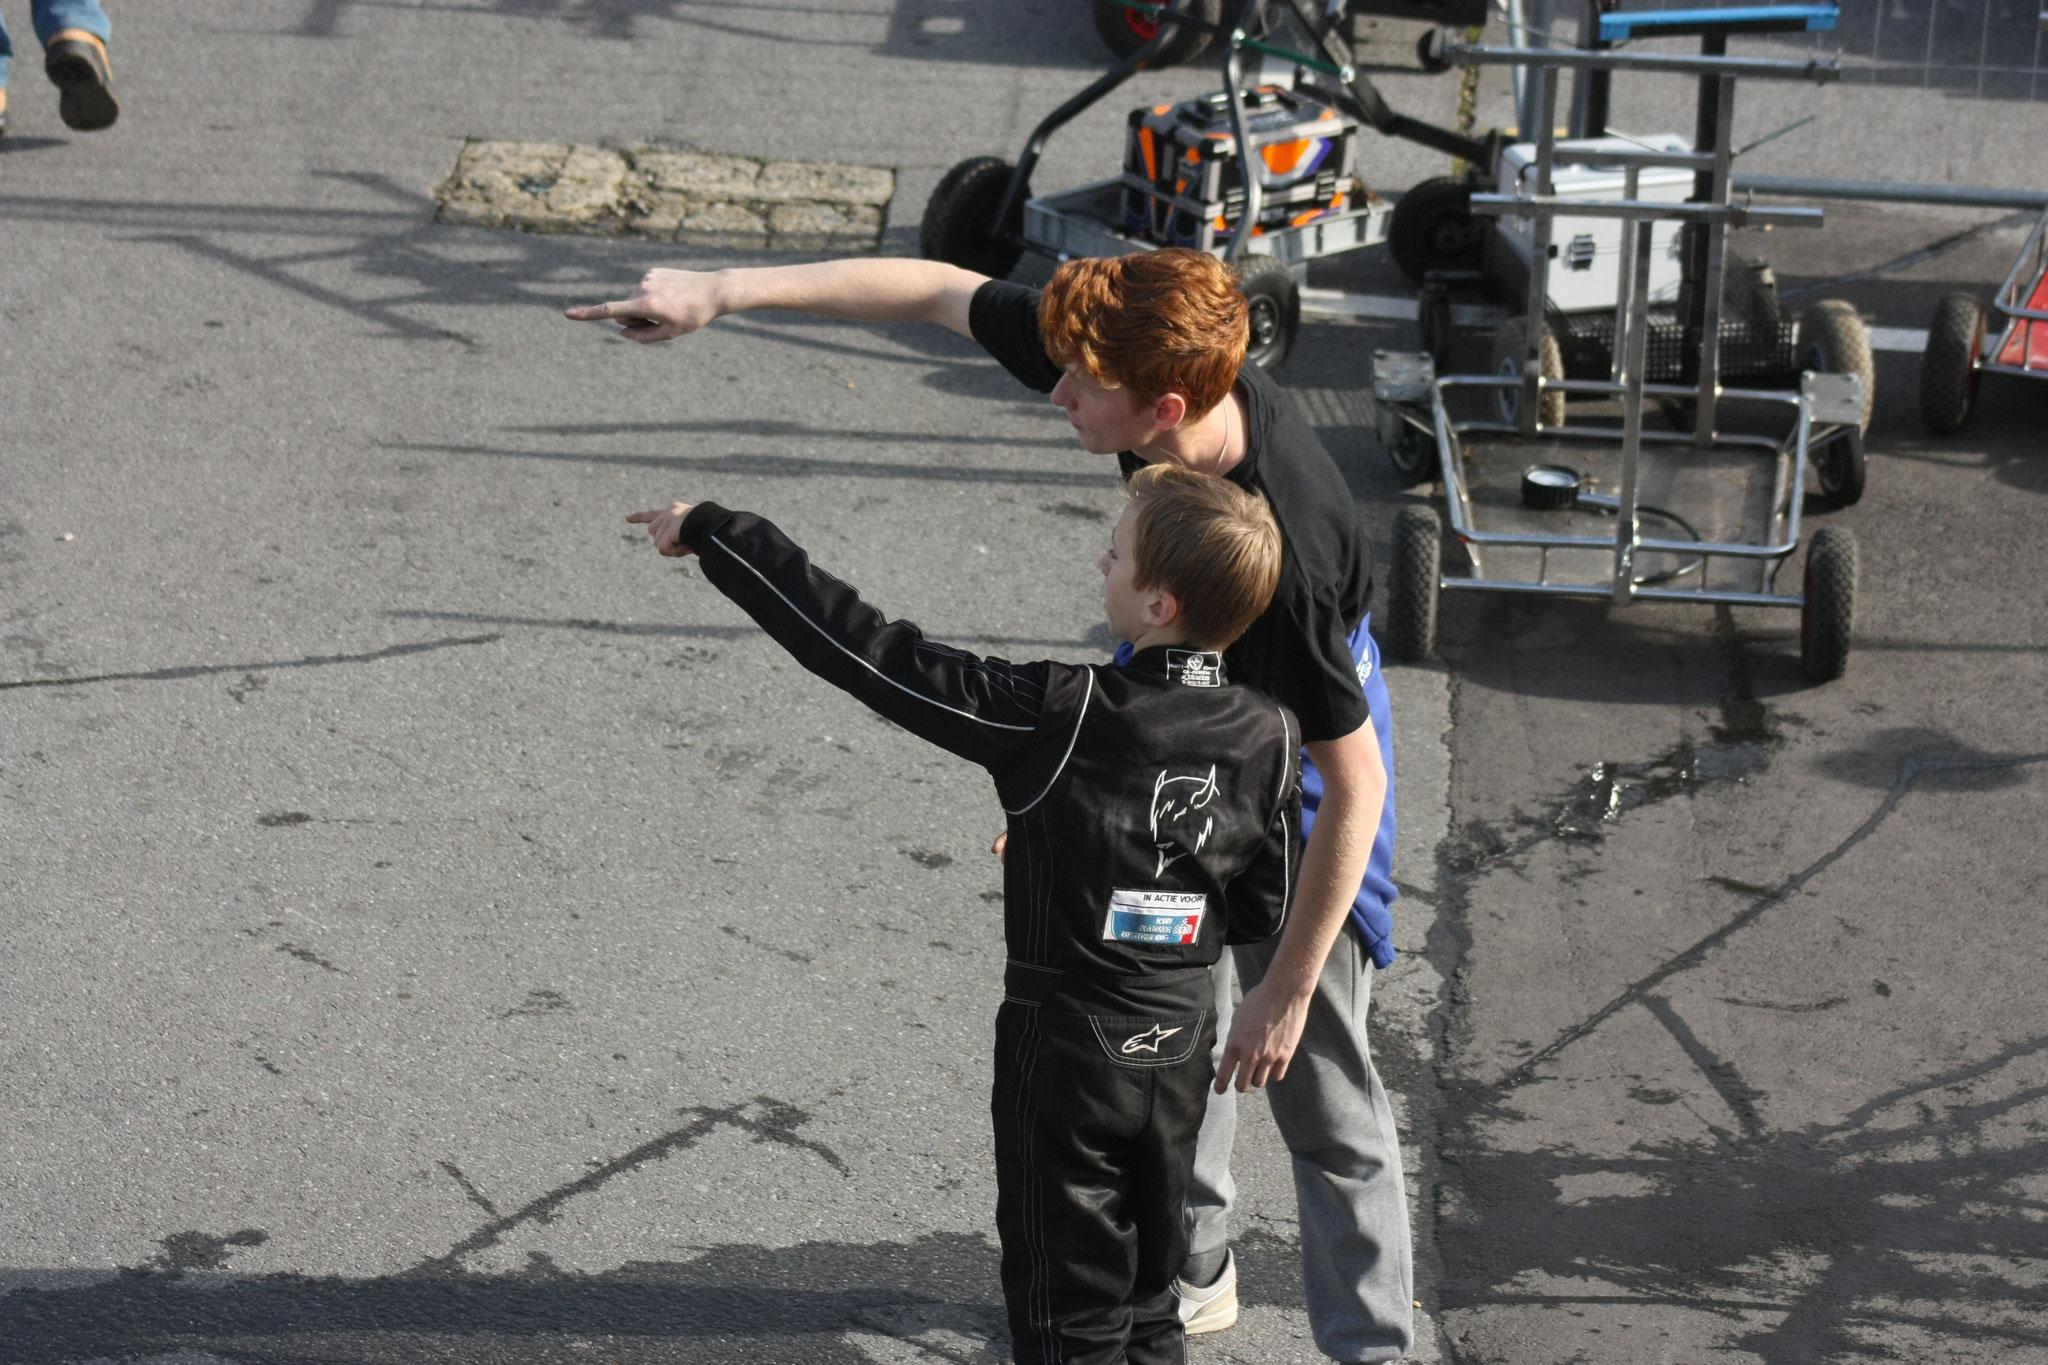 Simon geeft nog wat tips bij de chicane, hoe moet je de curbs nemen.